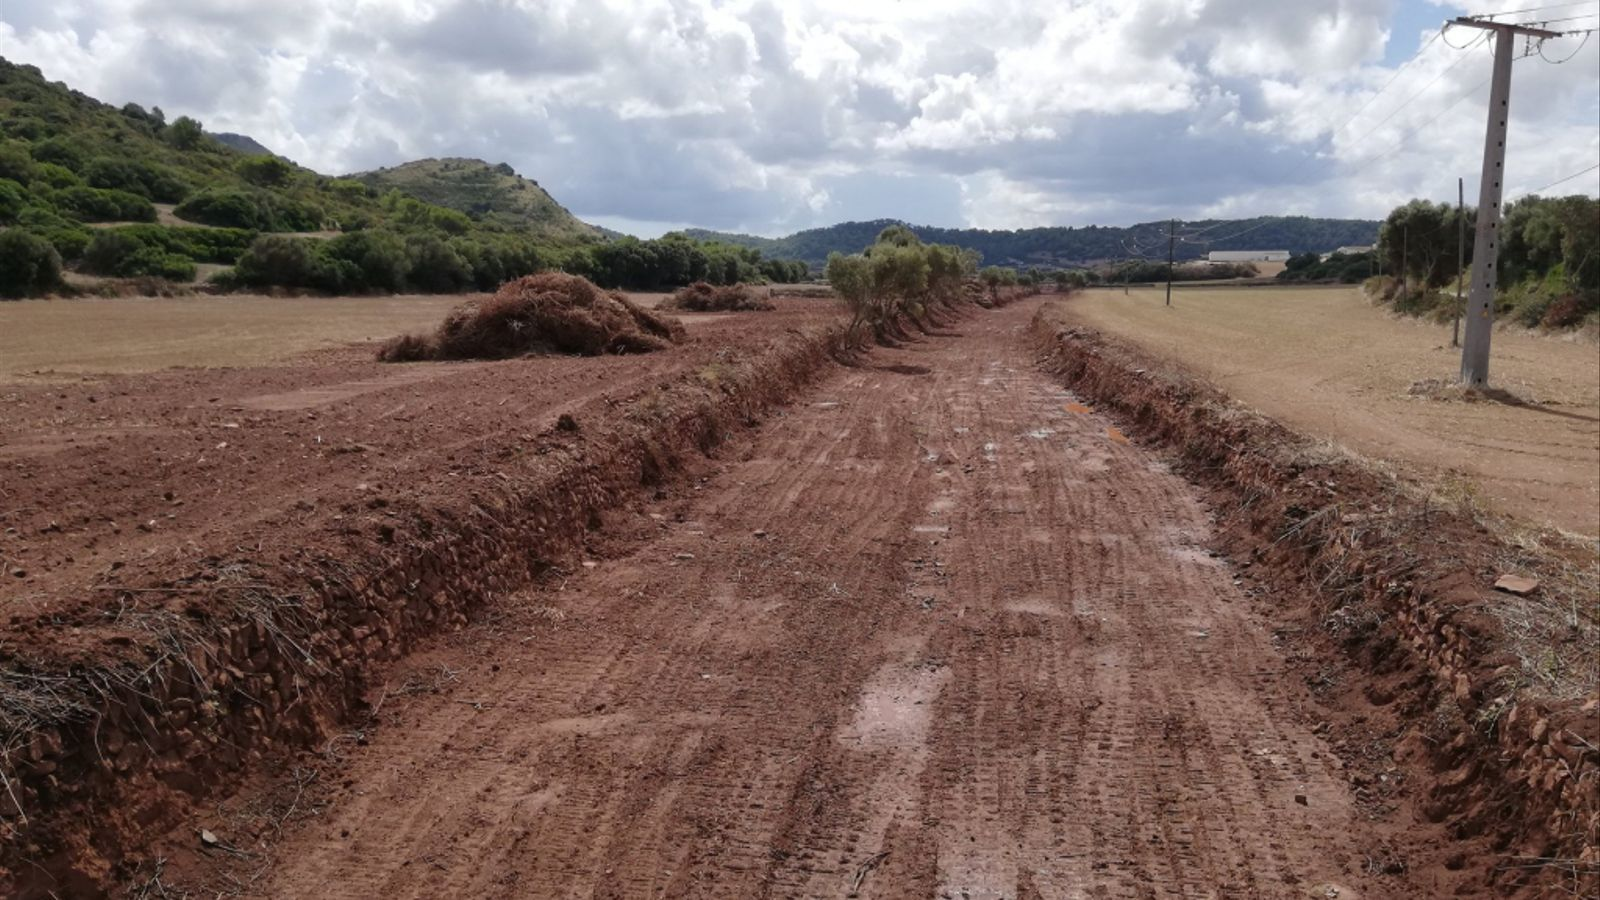 Els torrents d'Alaior i Ferreries són els més afectats per la intervenció de Recursos Hídrics, segons el Gob.